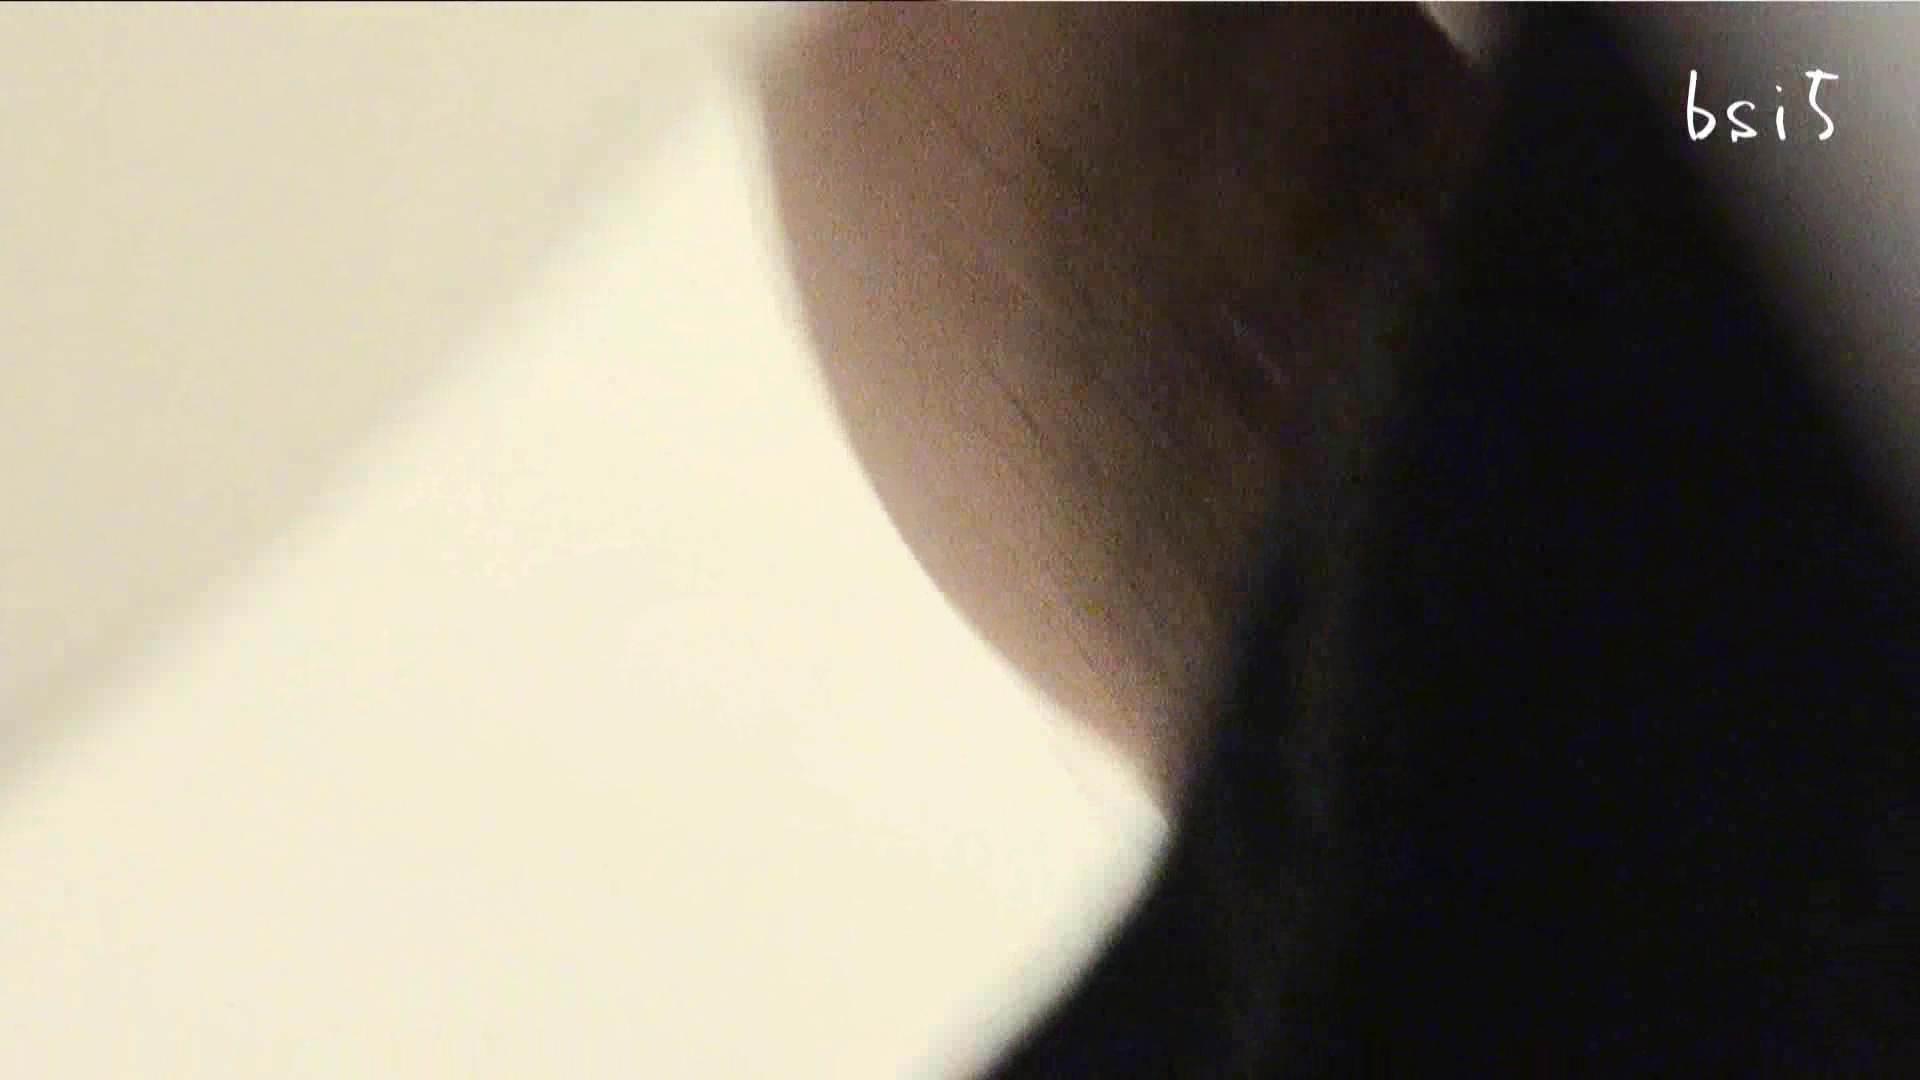 ナースのお小水 vol.005 ナースのエロ動画   お姉さんの下半身 のぞき 112PIX 23